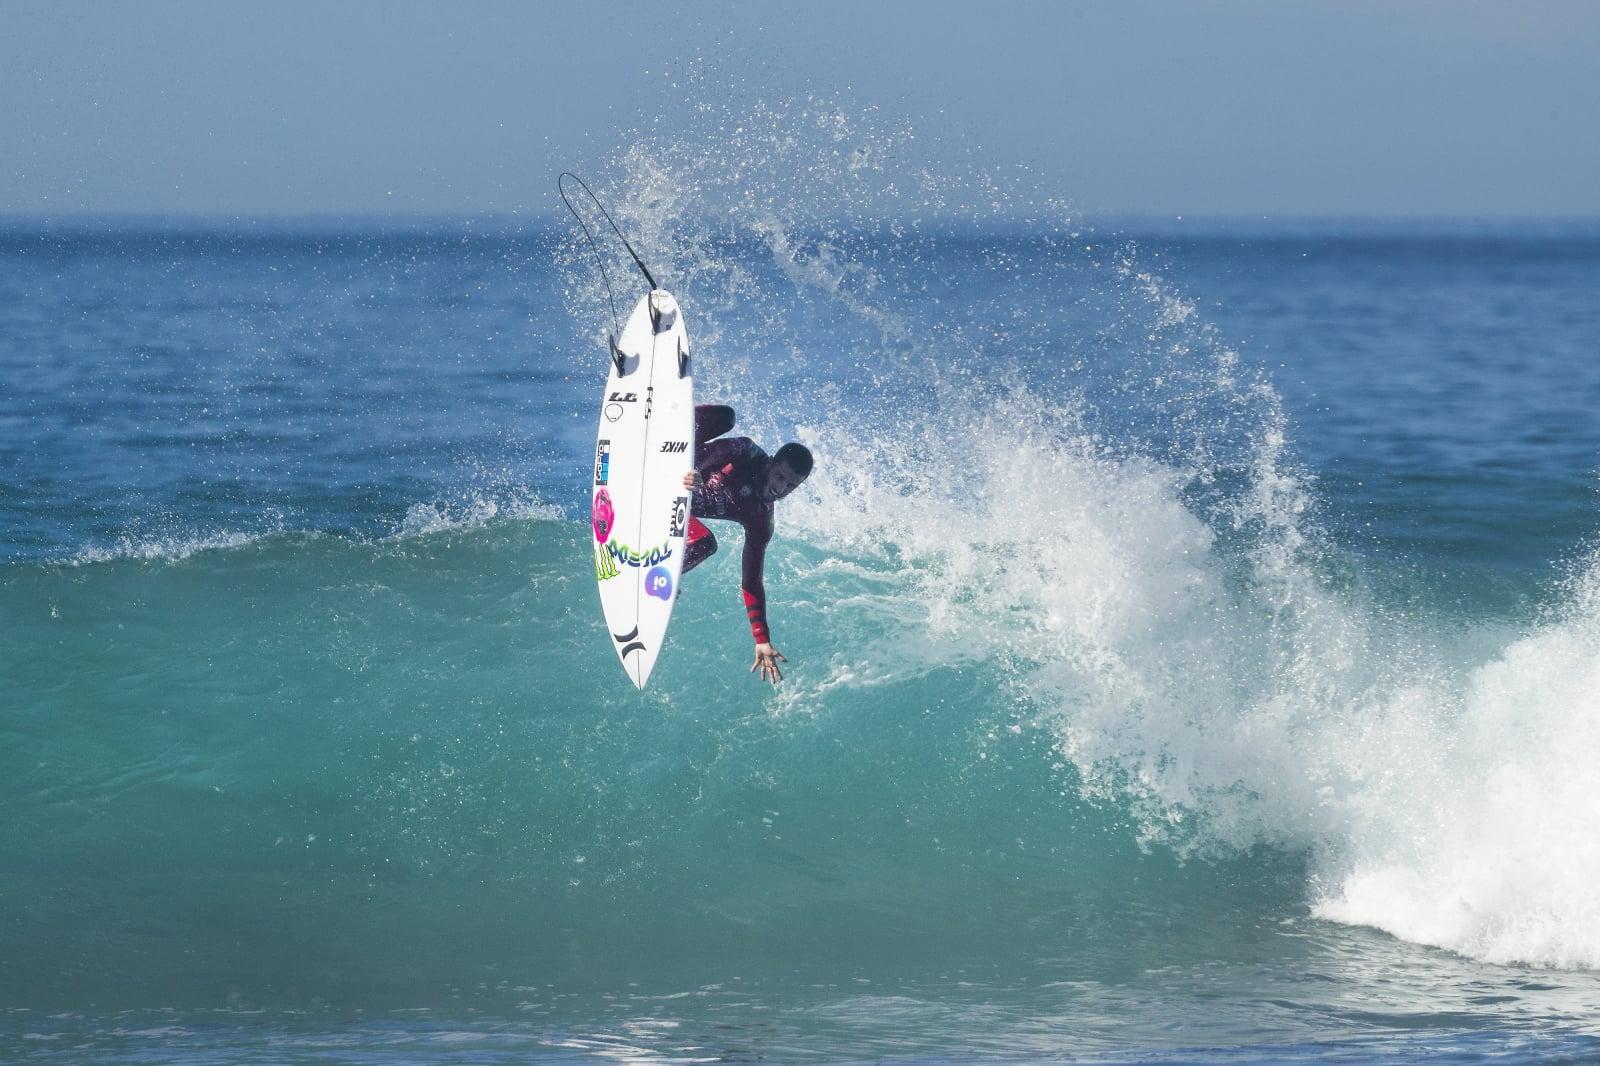 Zawody surferskie w Brazylii fot. EPA/Kelly Cestari